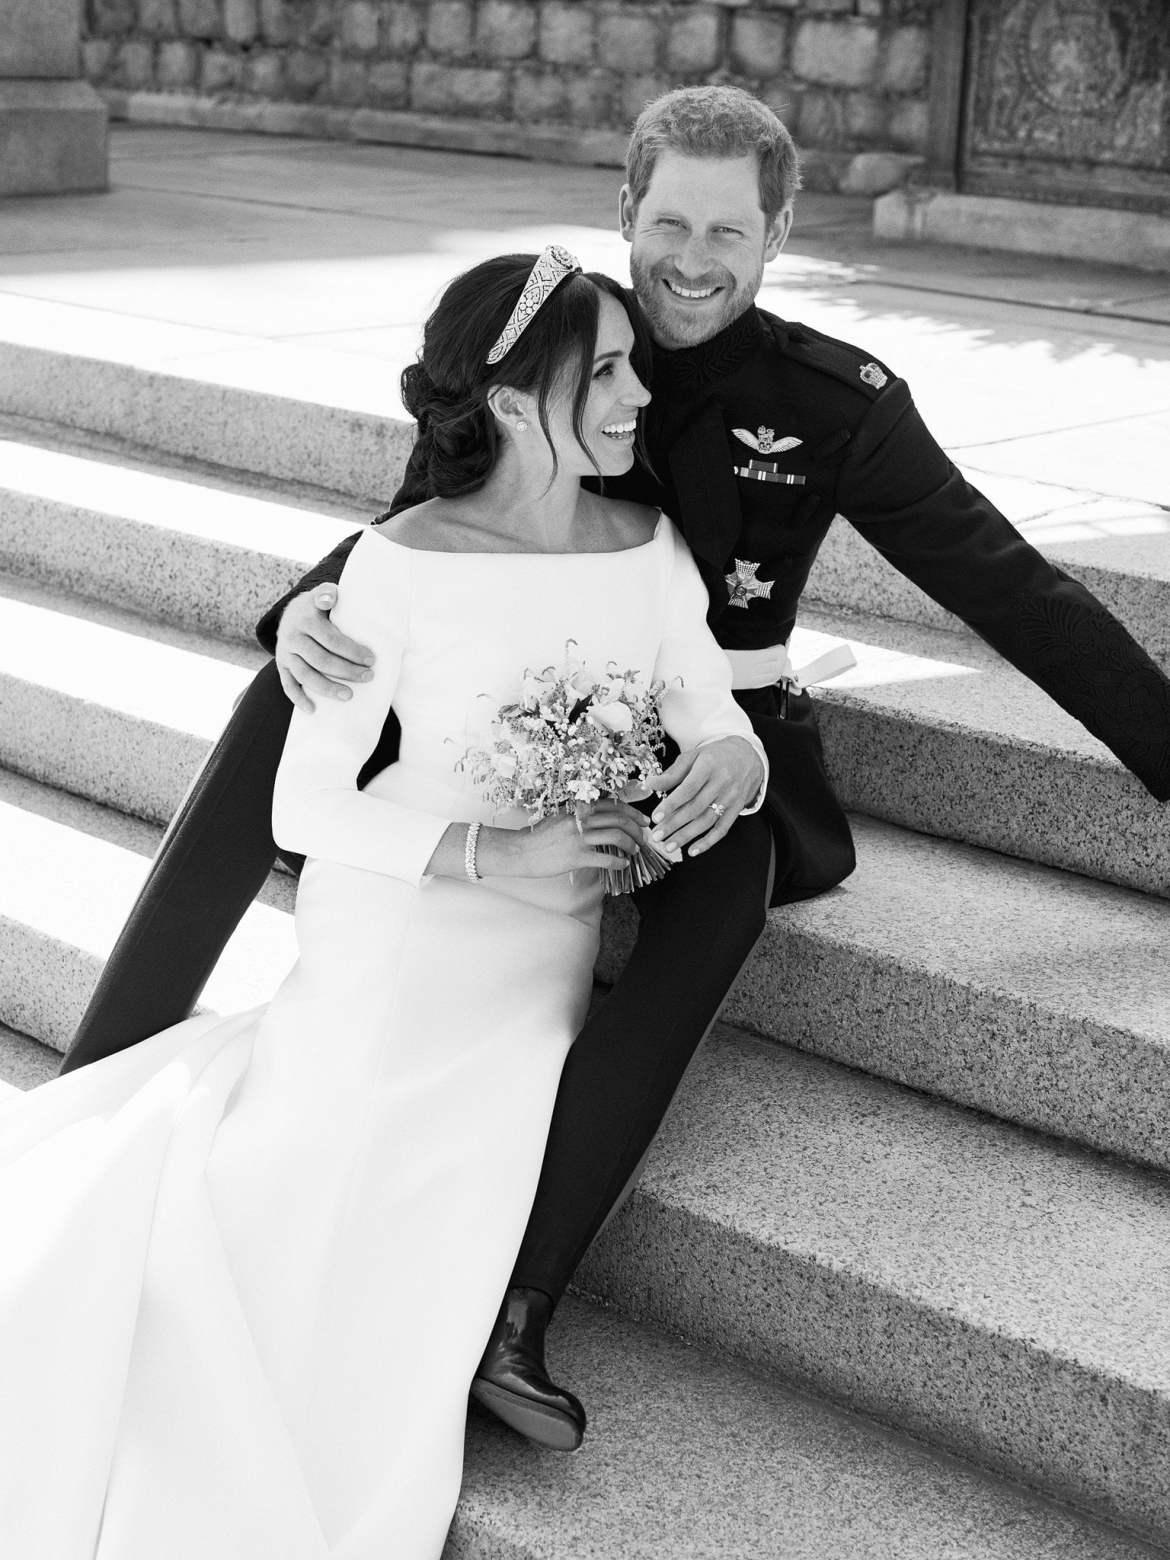 Casamento Real: Príncipe Harry e Megan Markle. Foto: Alexi Lubomirski. Mais detalhes no blog www.planejandomeucasamento.com.br